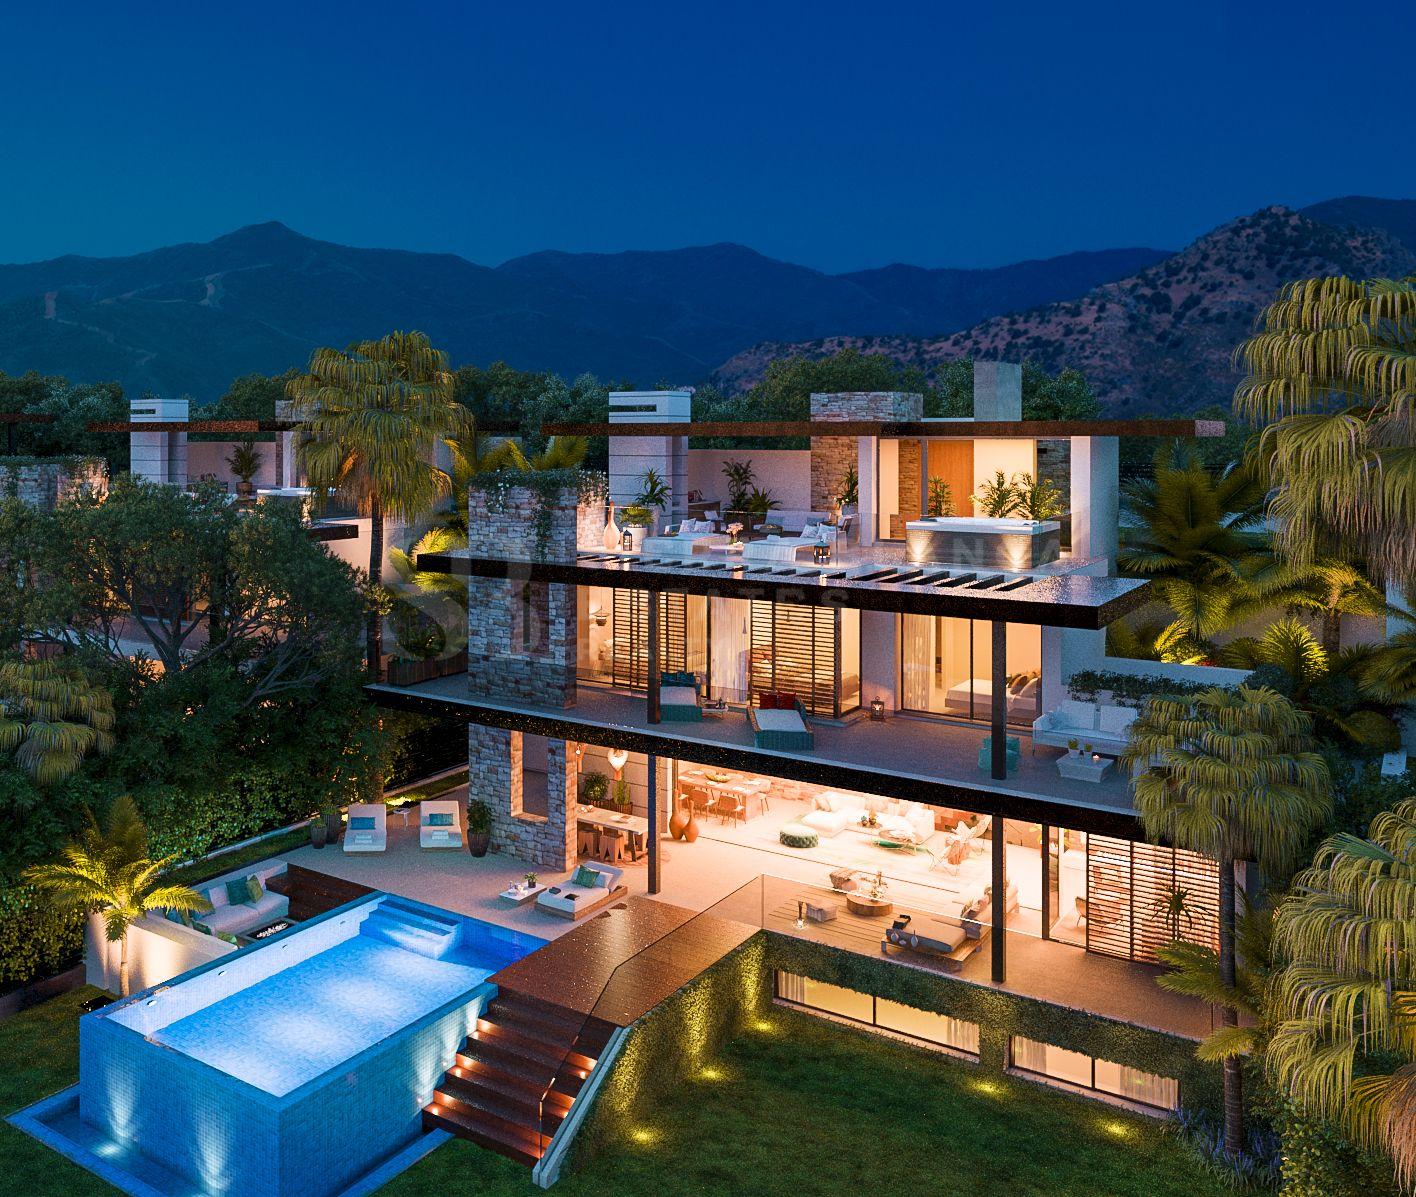 Be Lagom - 13 Contemporary and Sustainable Villas in La Alquería